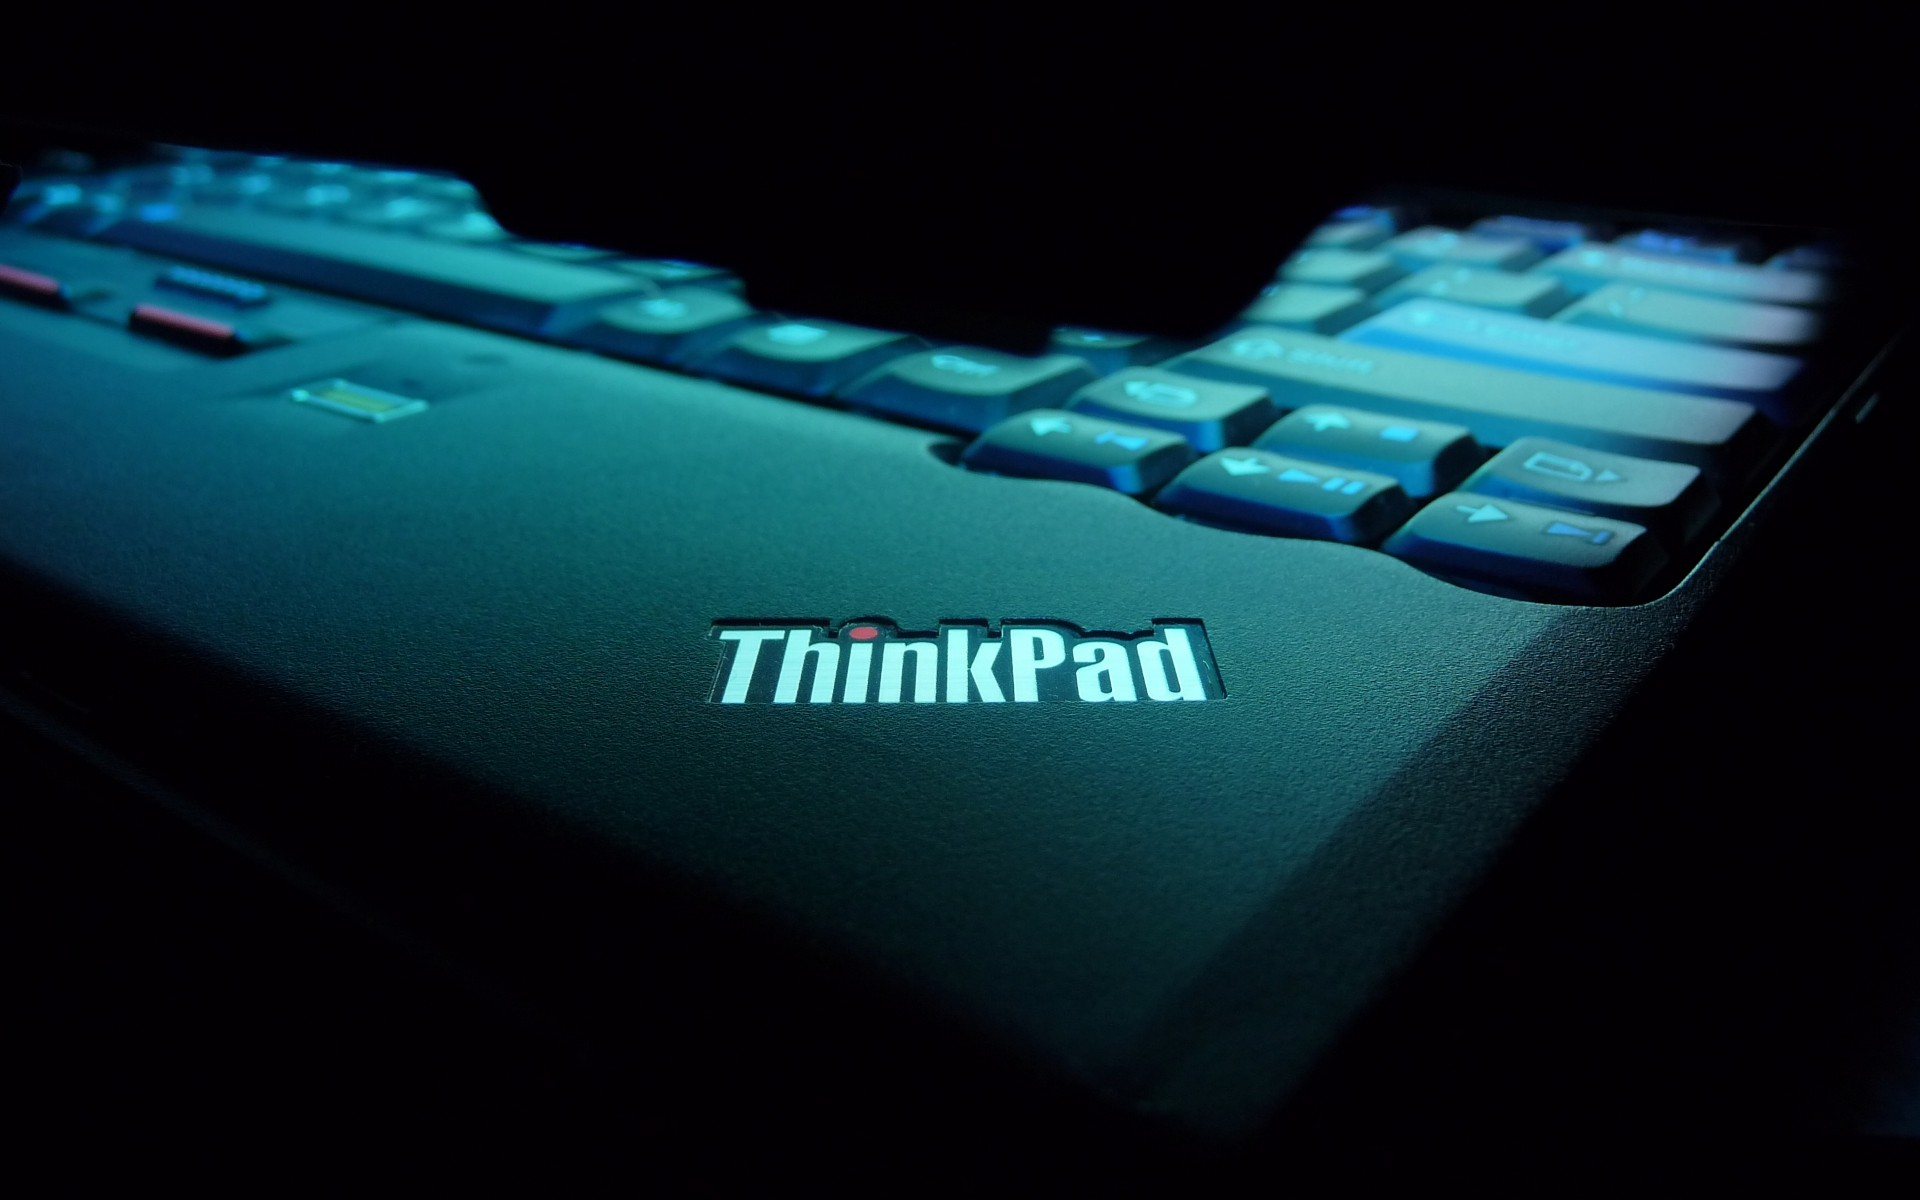 IBM thinkpad Lenovo wallpaper 1920x1200 62260 WallpaperUP 1920x1200